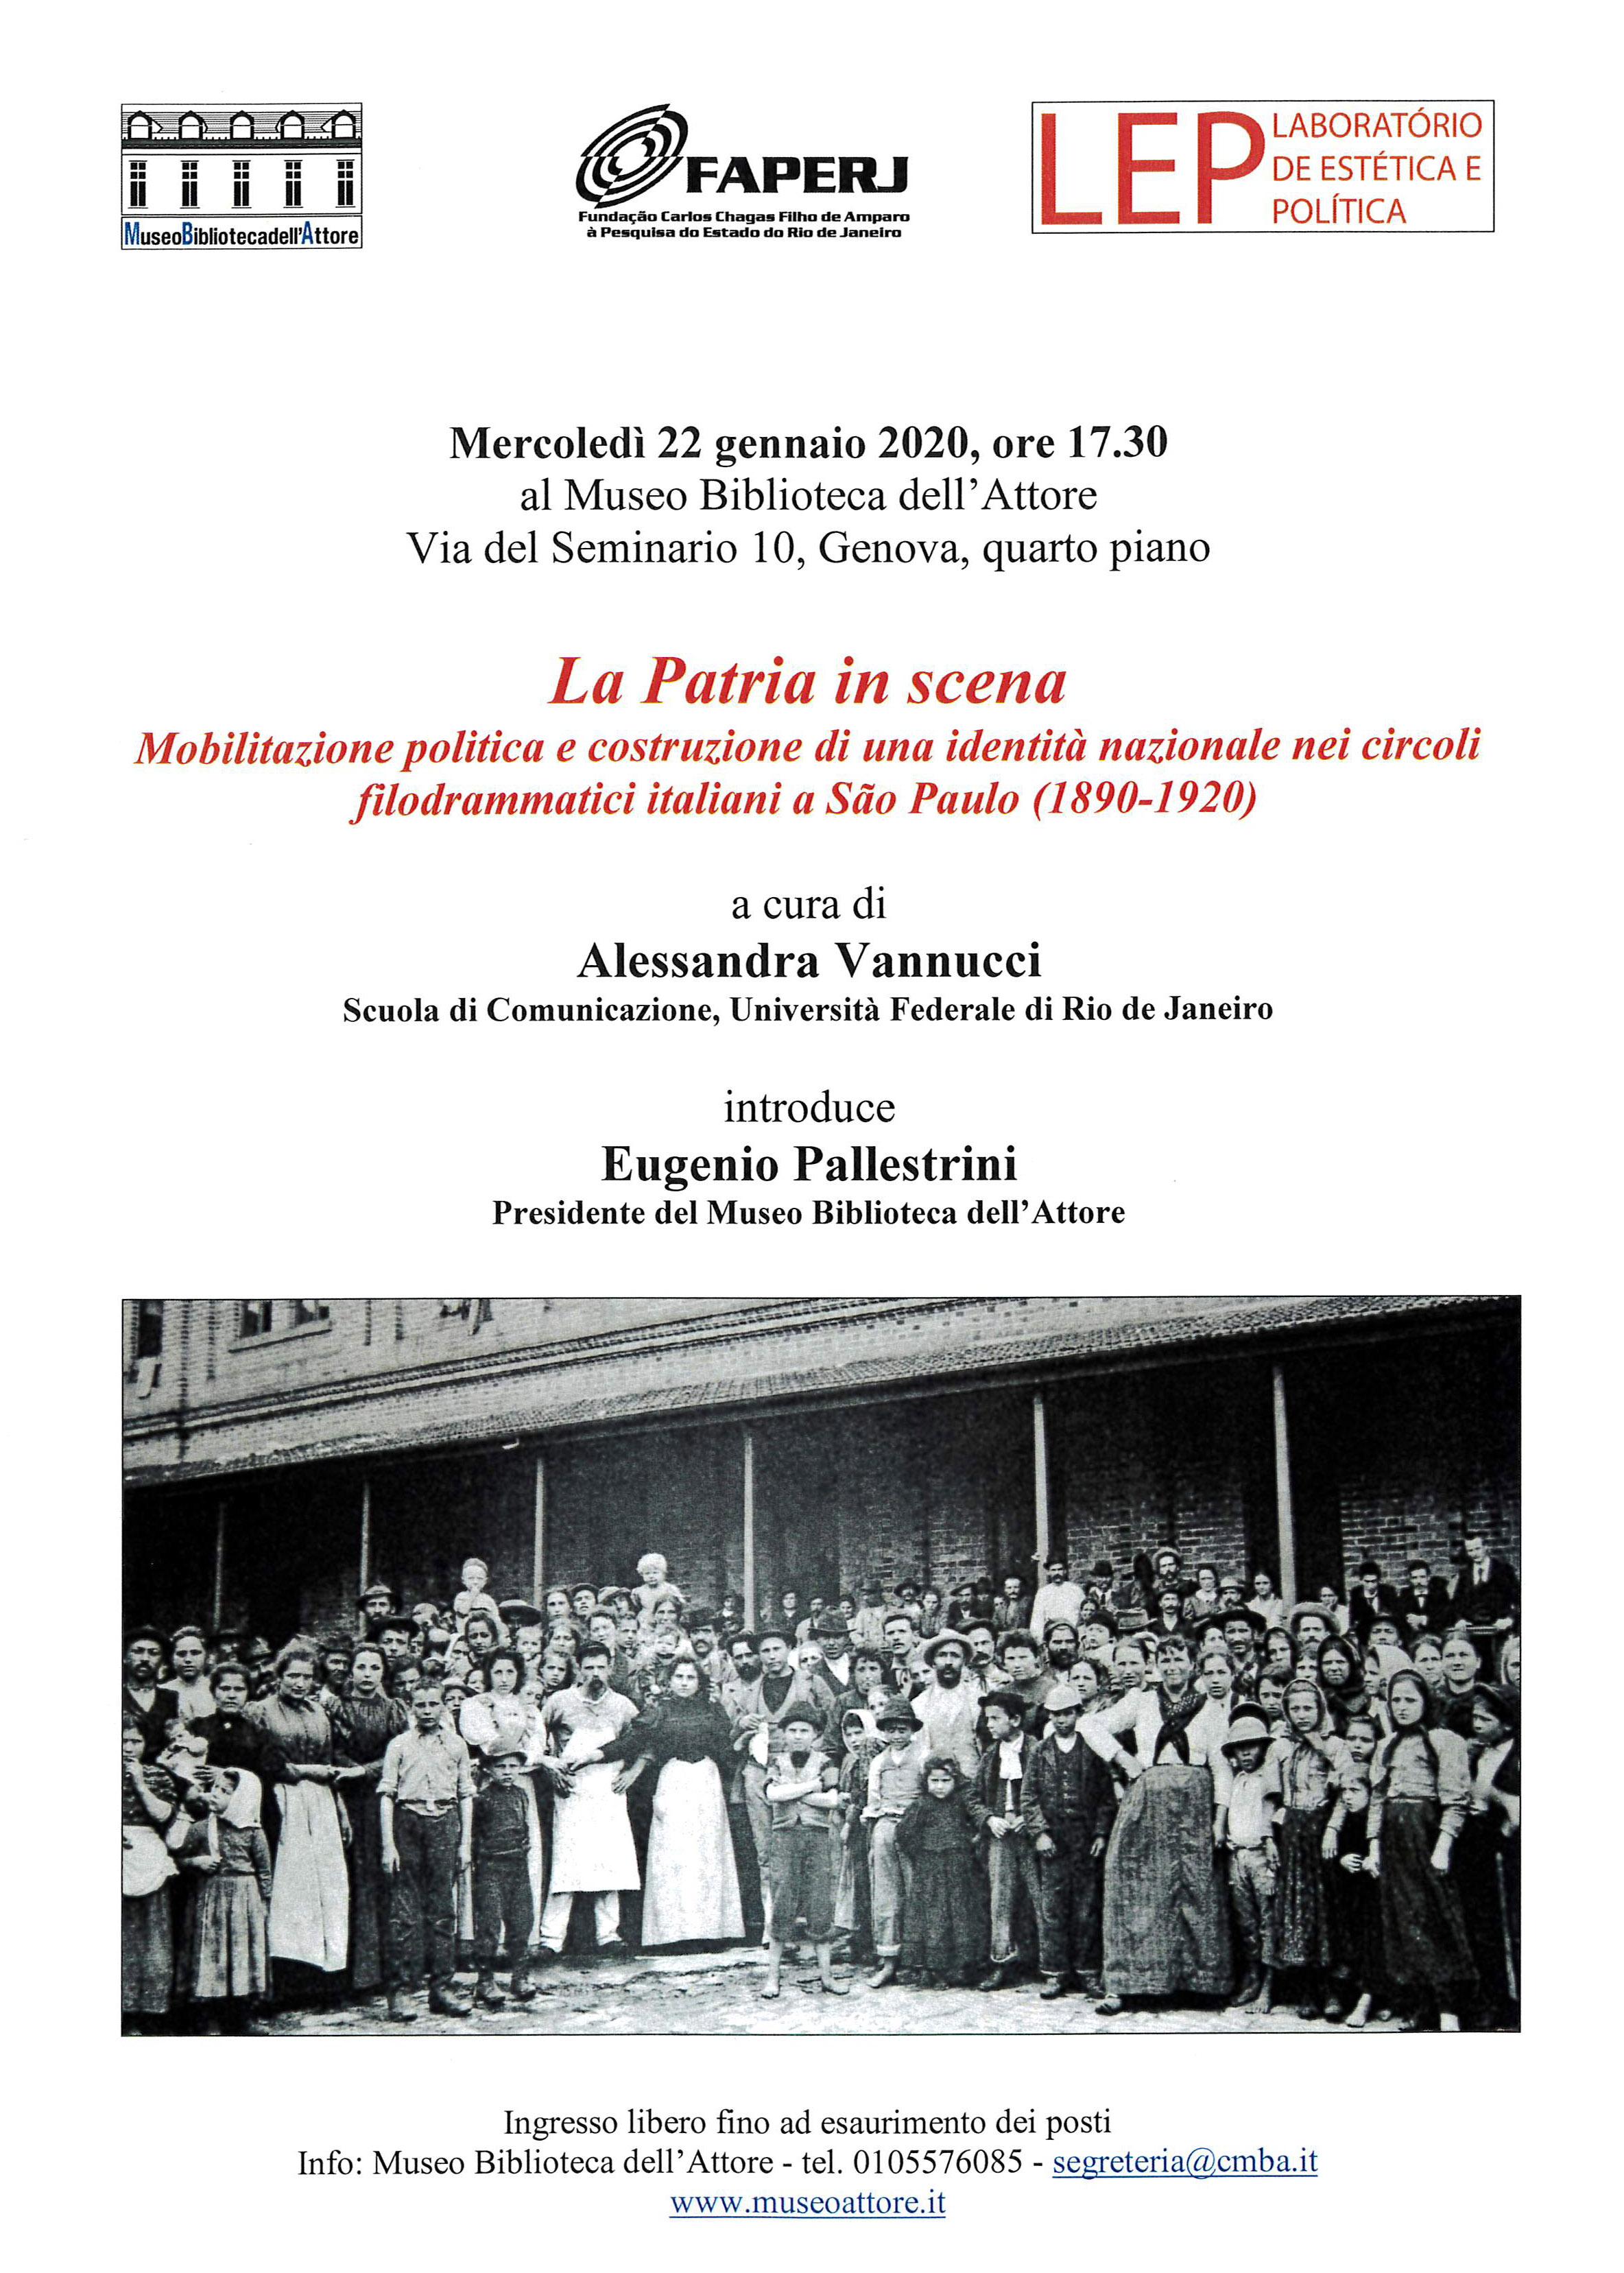 Invito Ale Vannucci 2020